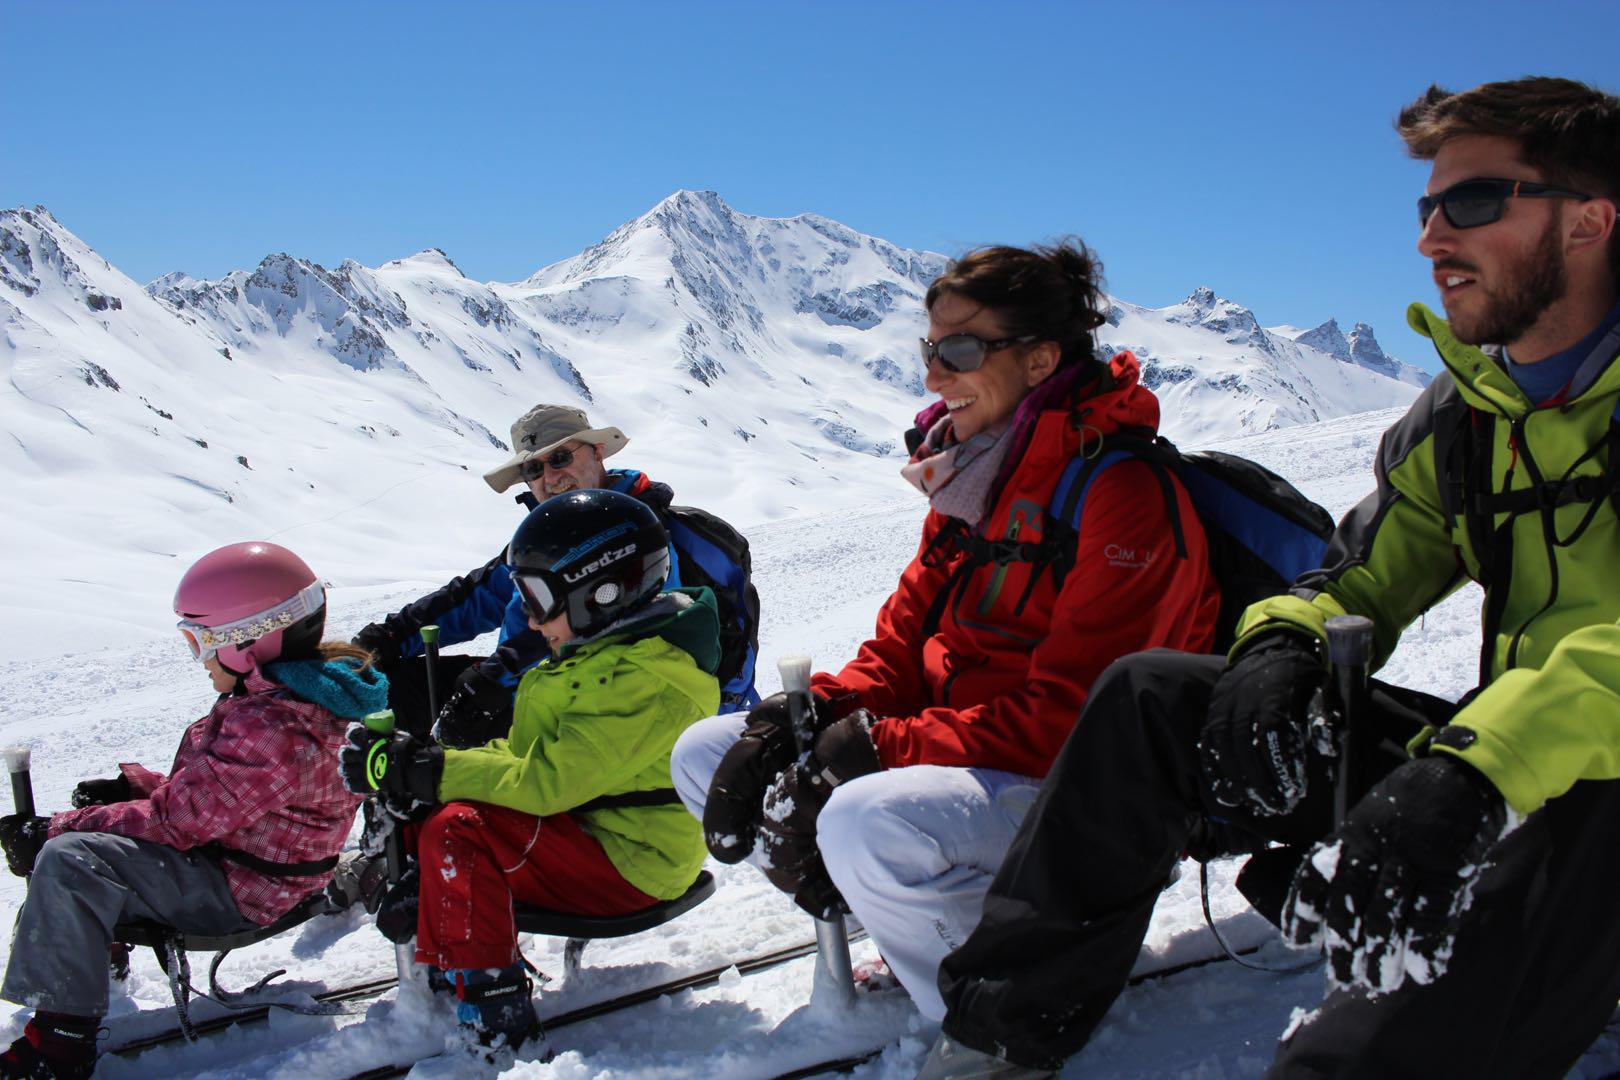 专访史努客引进者王青青:降低滑雪学习成本 快速体验雪道乐趣